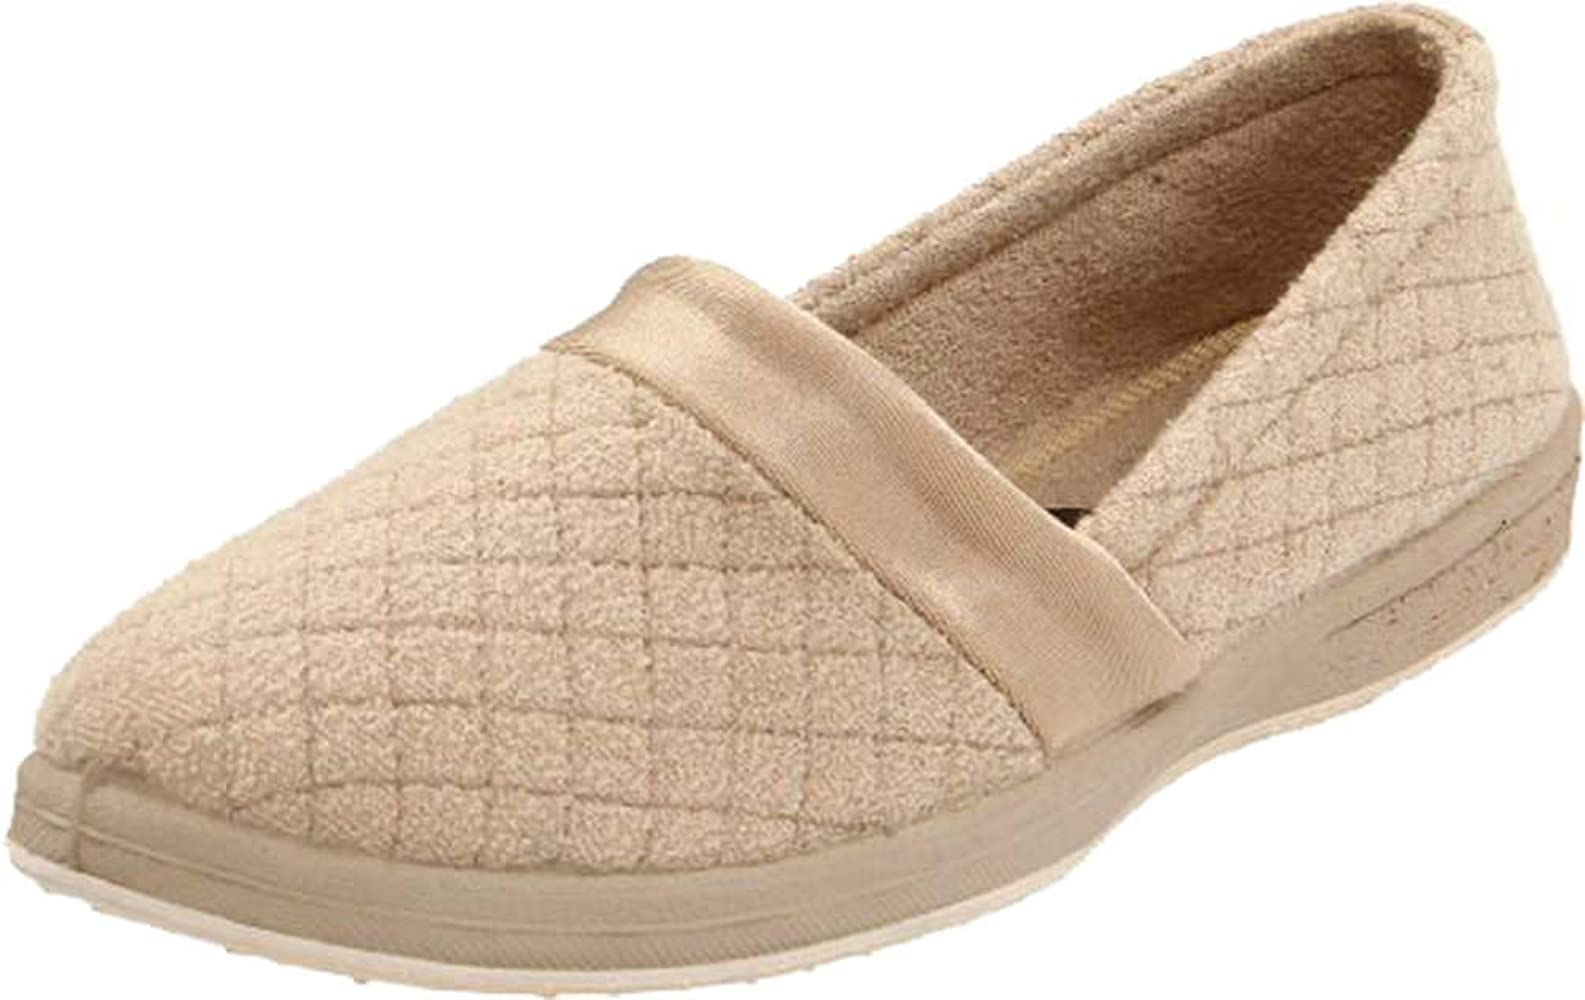 Women/'s Foamtreads Coddels All Season Slip On Slippers-Wide